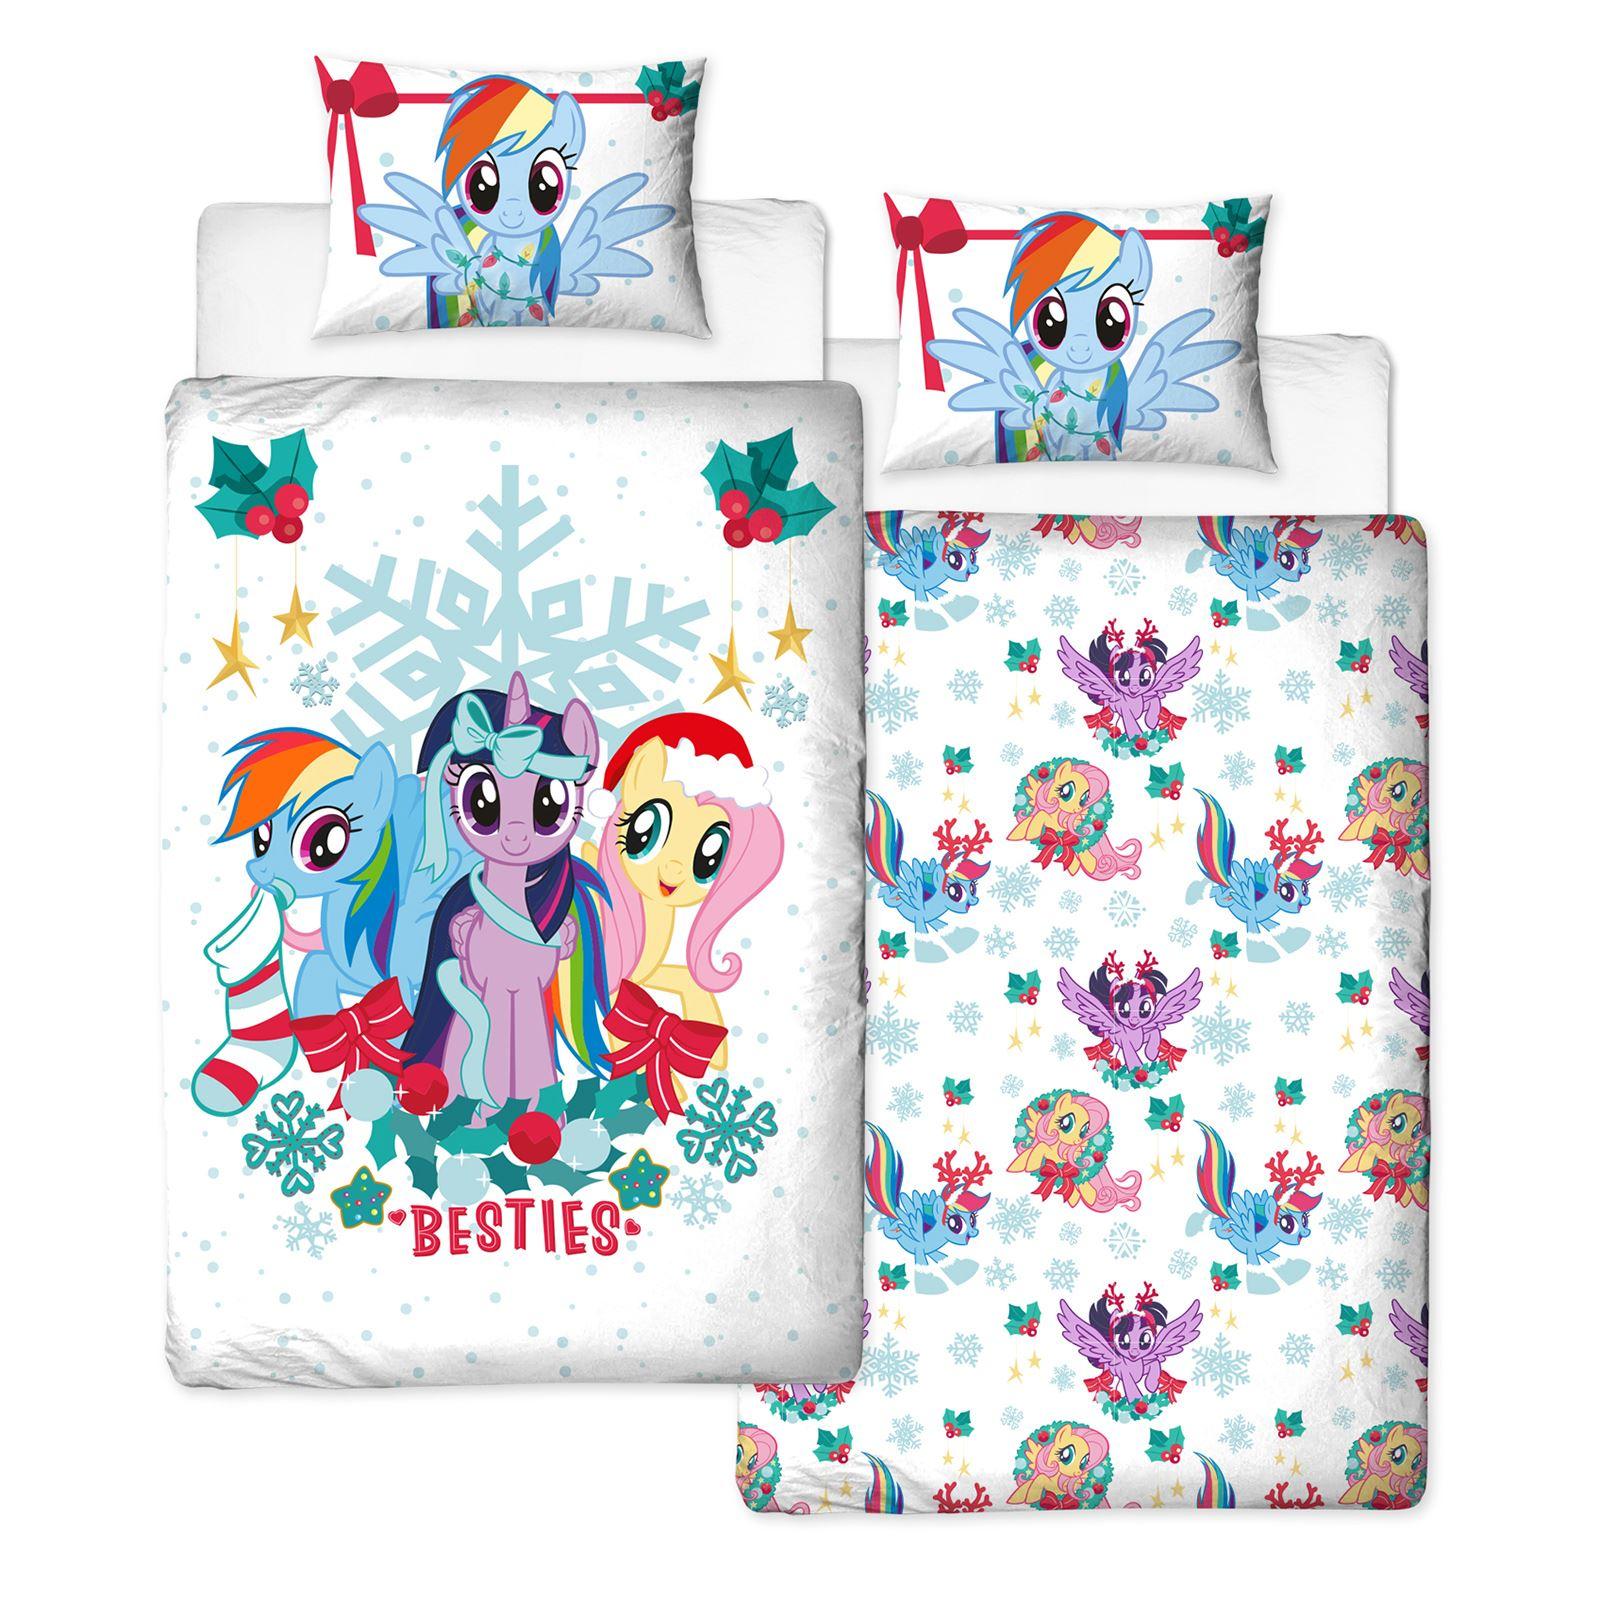 Indexbild 54 - Kinder Weihnachten Bettbezug Sets - Junior Einzel Doppel King - Elf Emoji Grinch